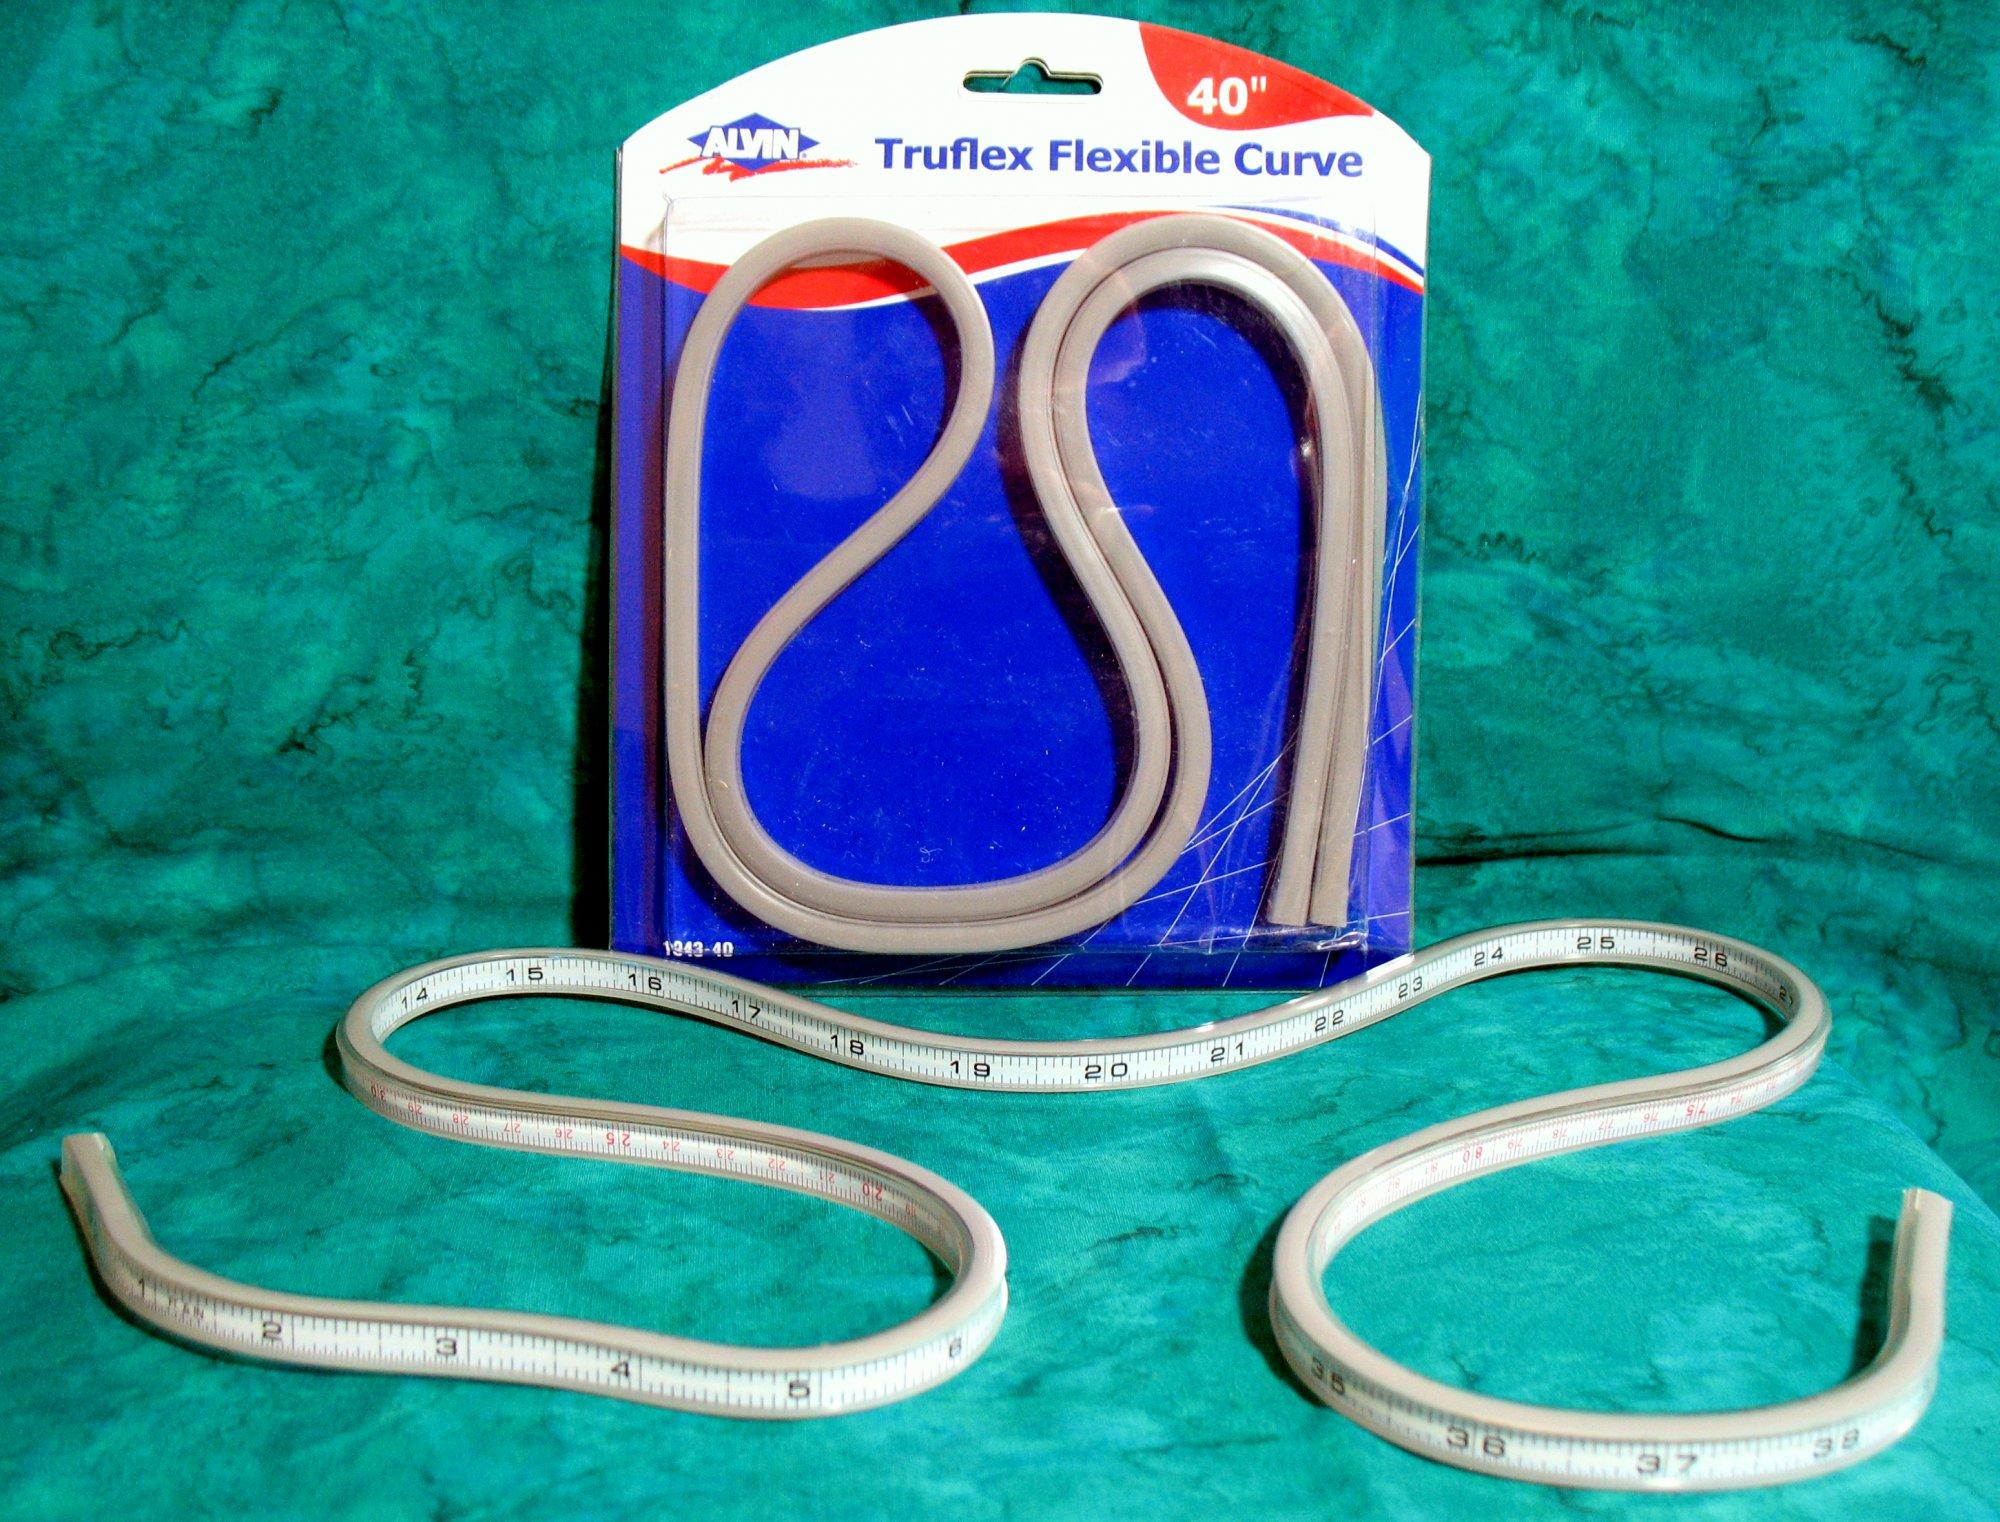 Ruler 40-inch Truflex Flexible Curve